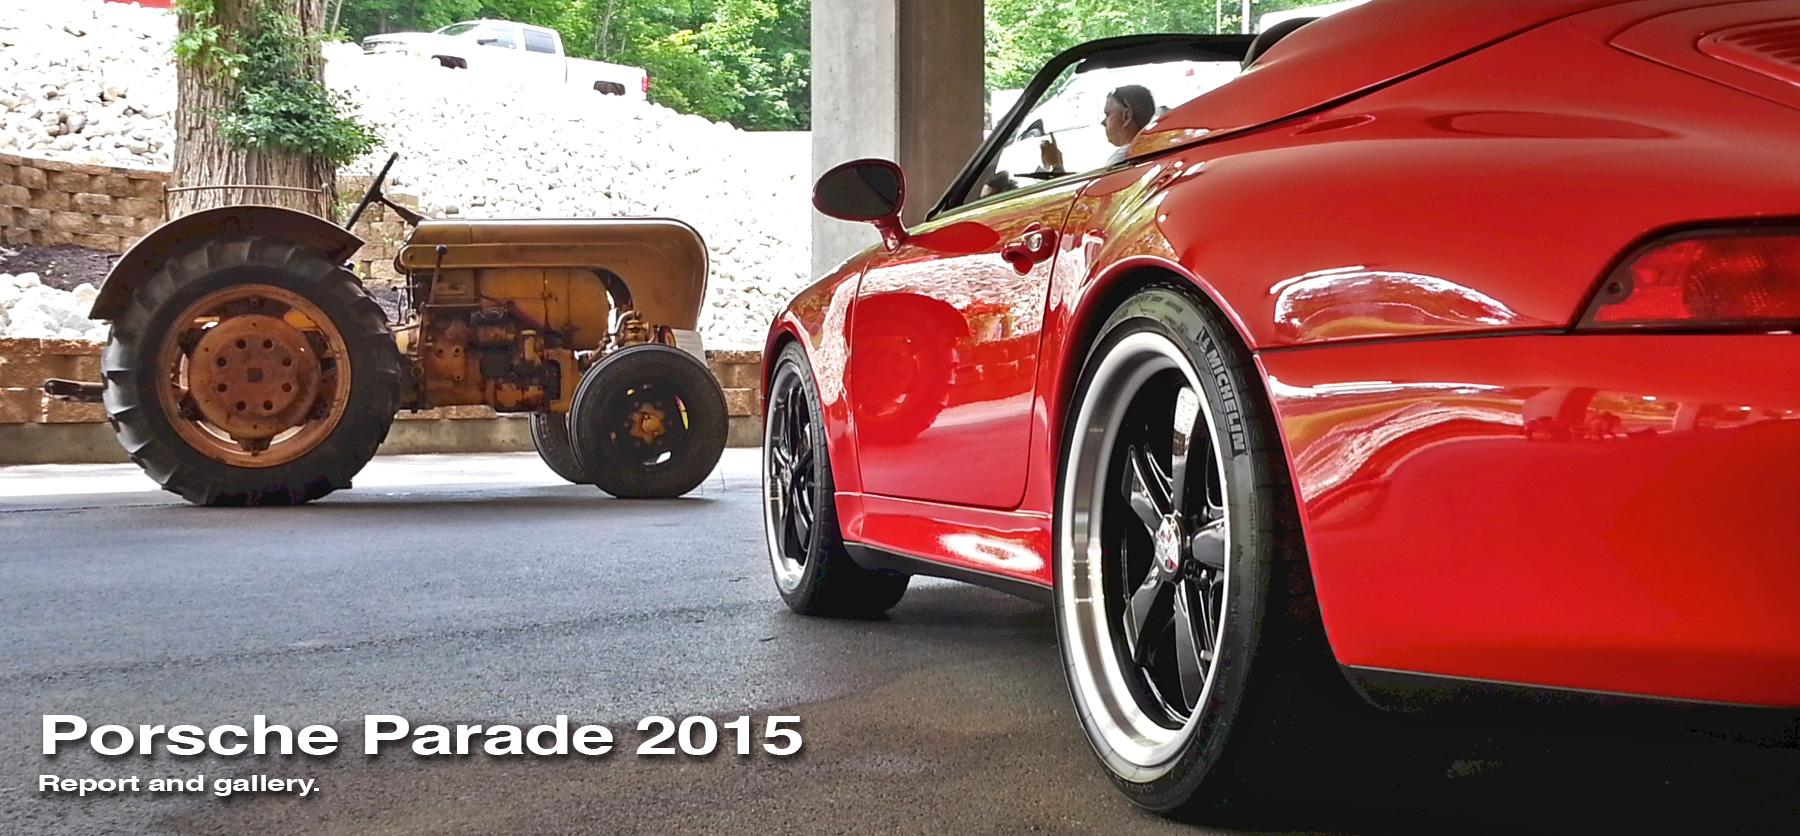 Porsche Parade header